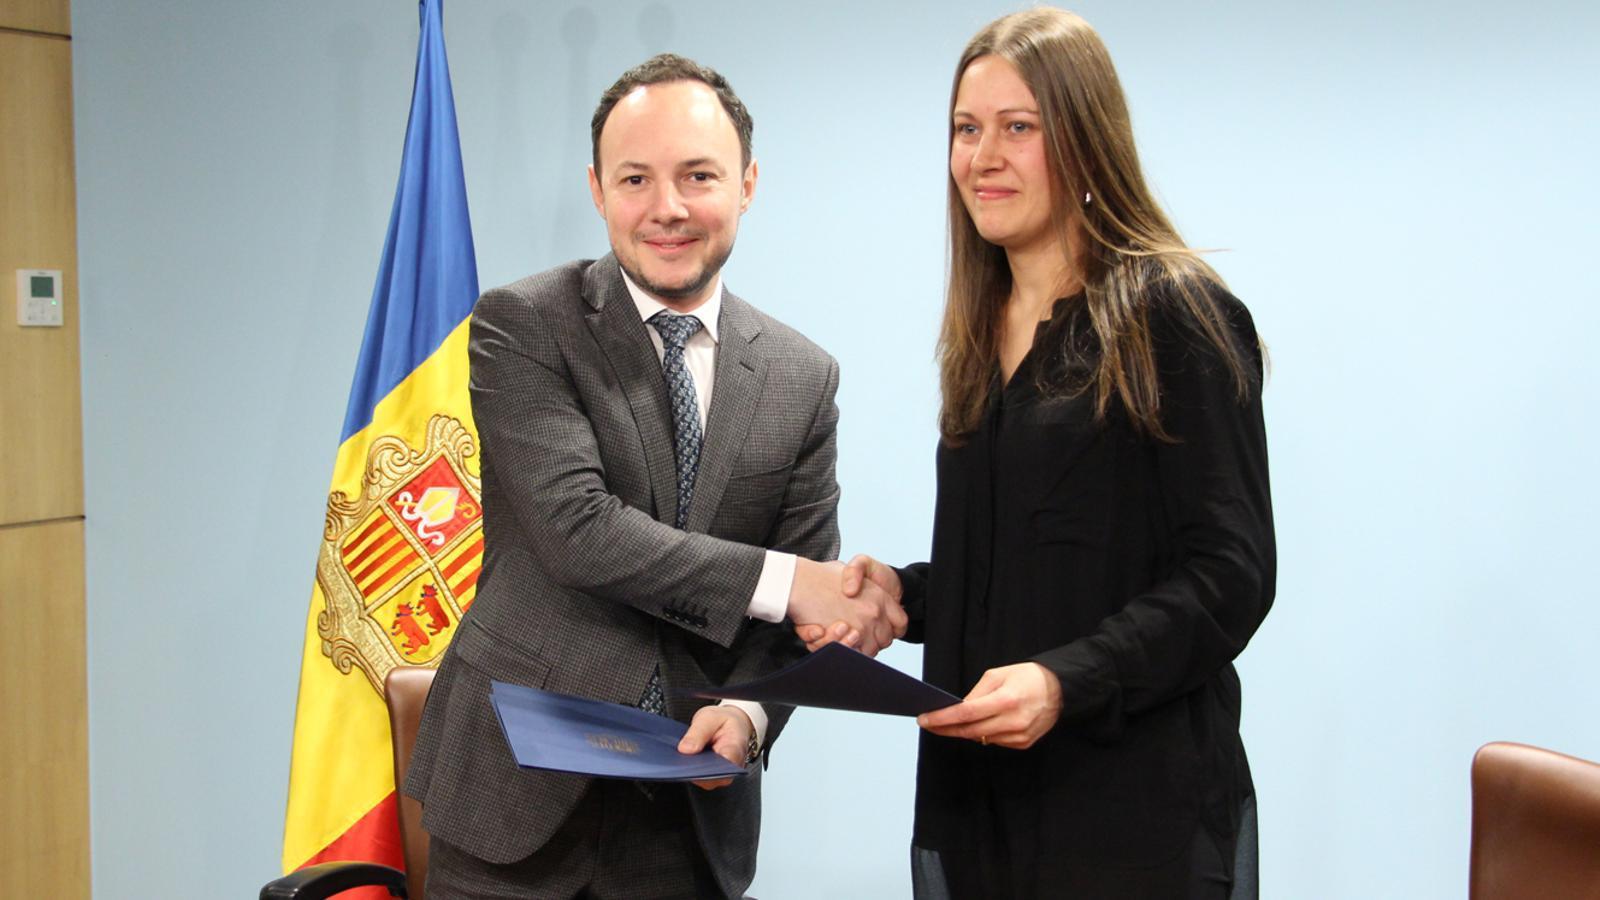 El ministre d'Afers Socials, Justícia i Interior en funcions, Xavier Espot, i la presidenta del Col·legi Oficial de Podòlegs d'Andorra, Marta Vidal, després de la signatura del conveni de col·laboració celebrada aquest dimarts. / M. P. (ANA)